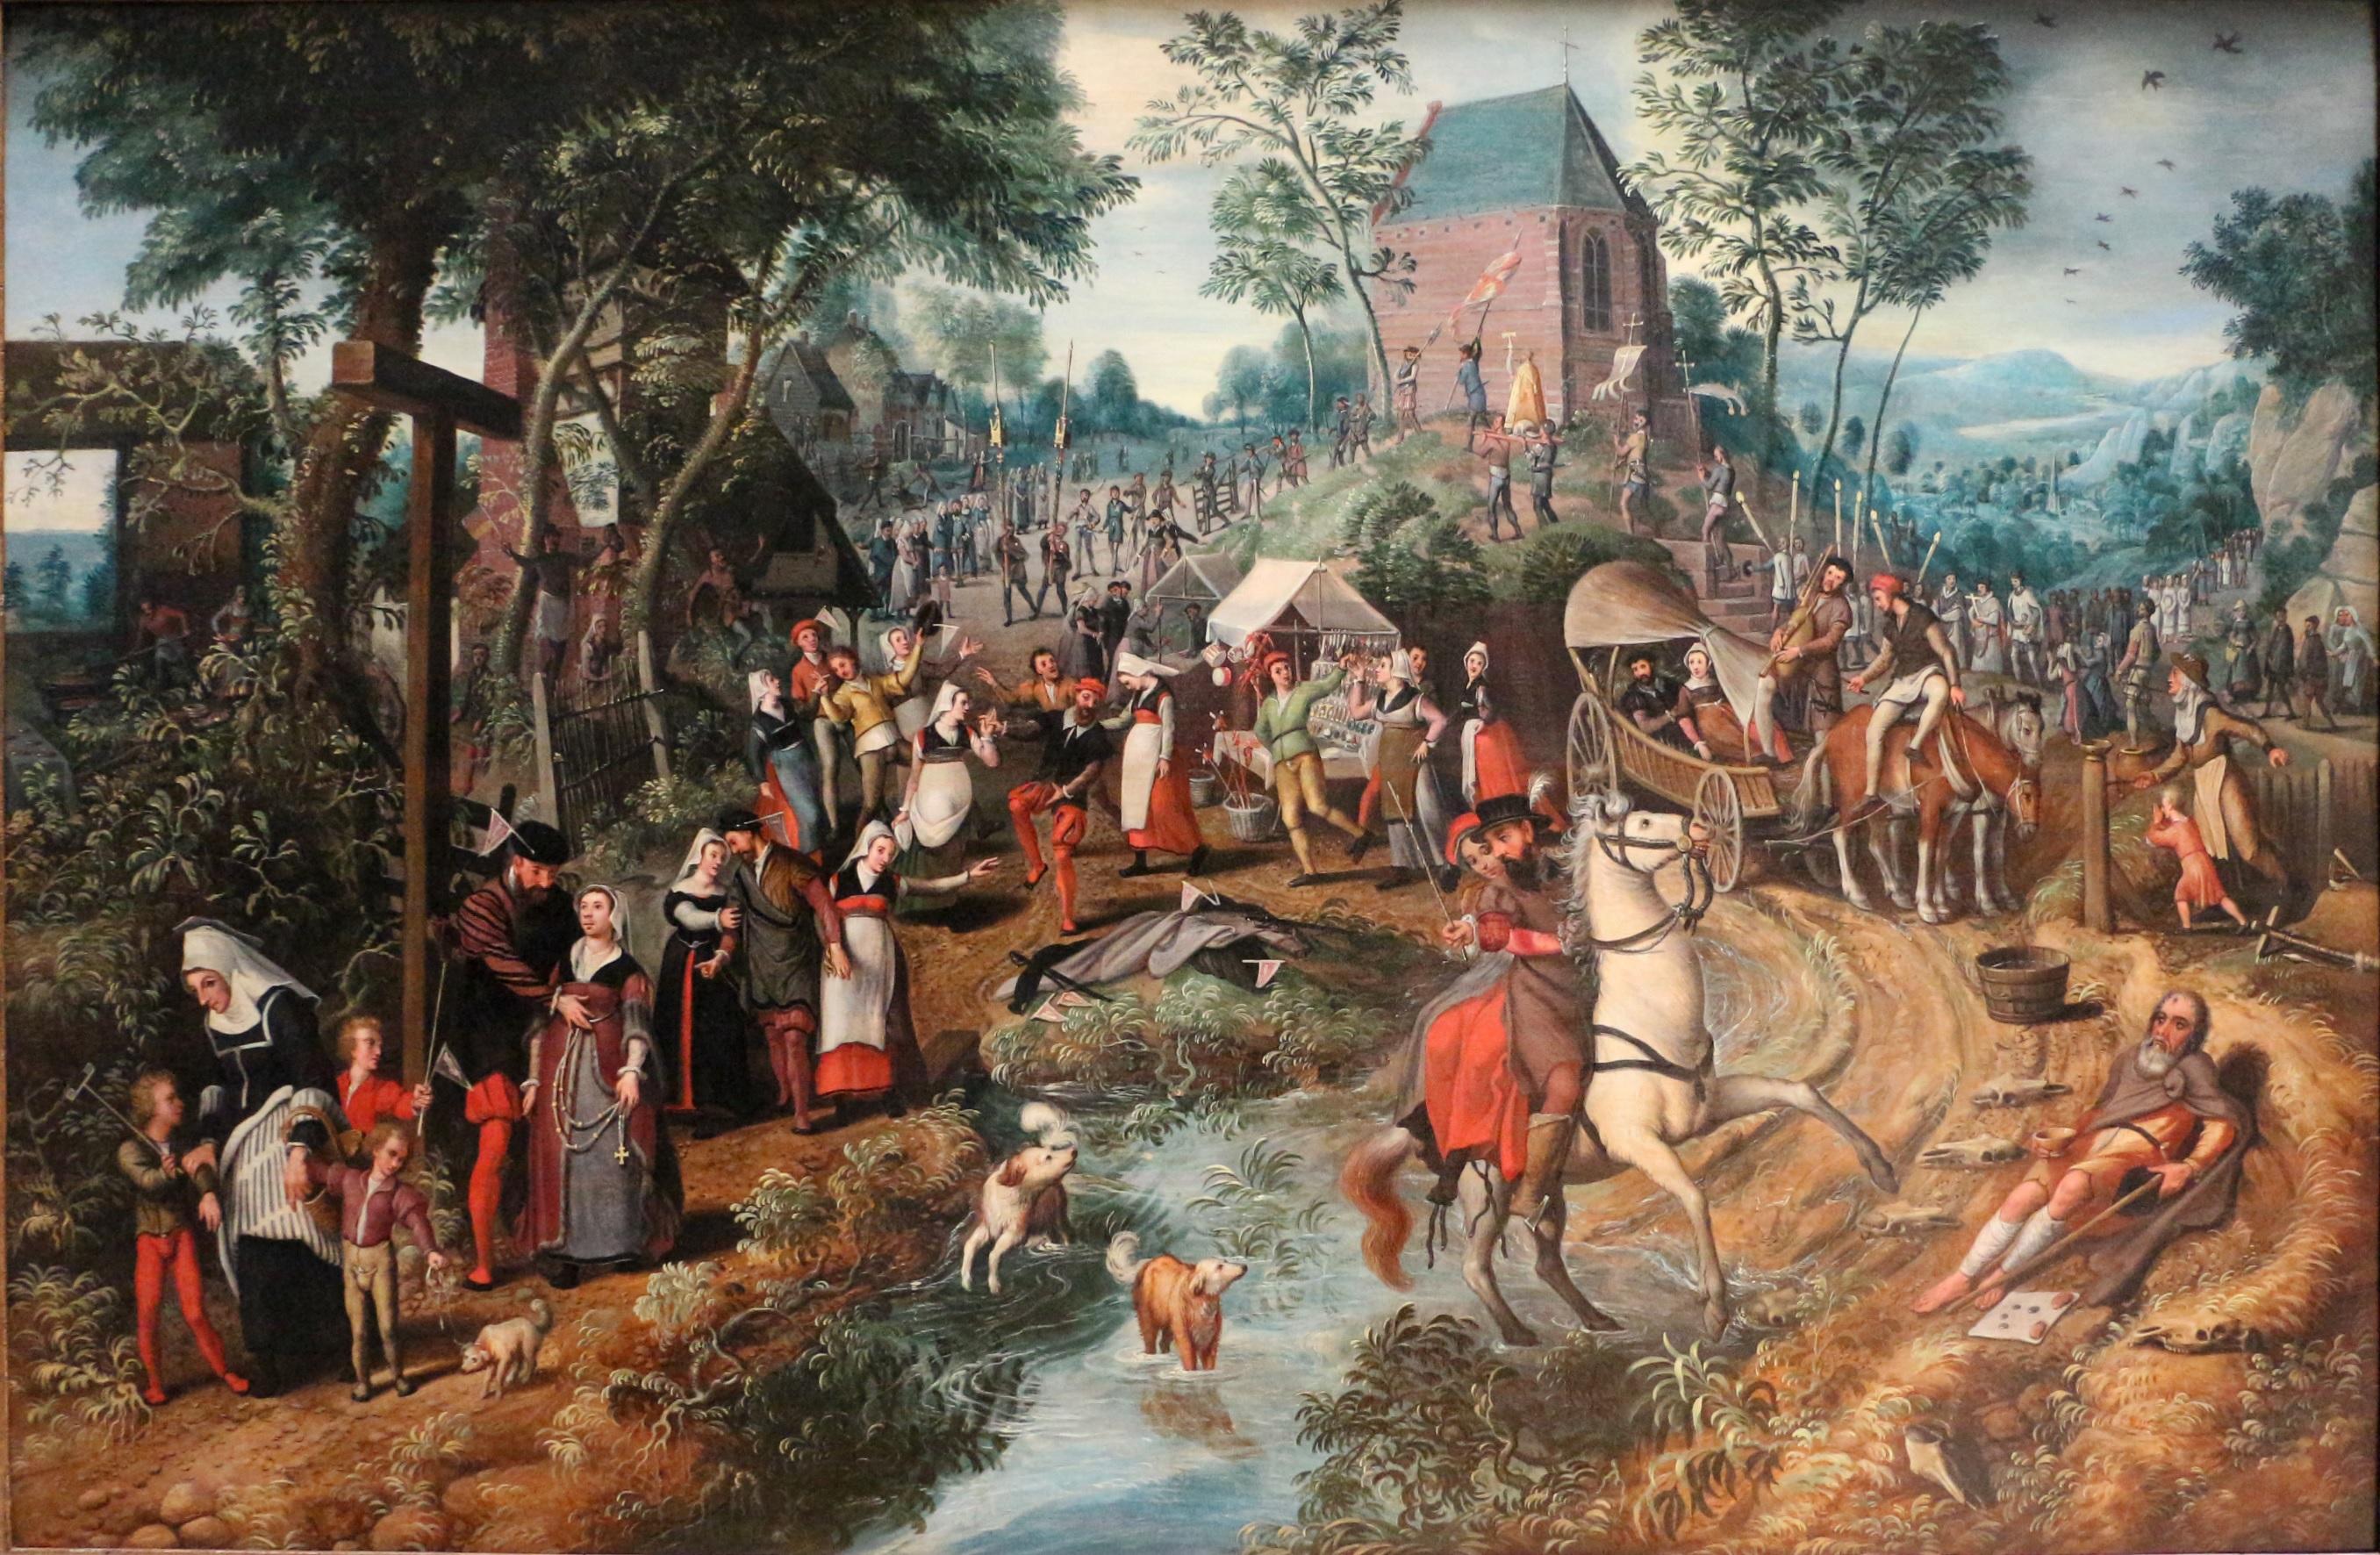 Pieter_aertsen,_ritorno_di_un_pellegrinaggio_a_sant'antonio 1555 BruxellesJPG